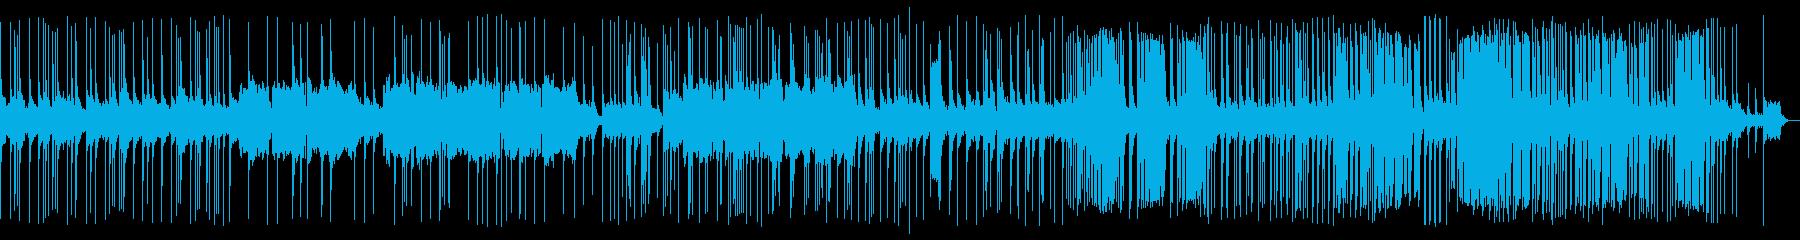 千鳥の曲  大胆で力強いサウンドの再生済みの波形